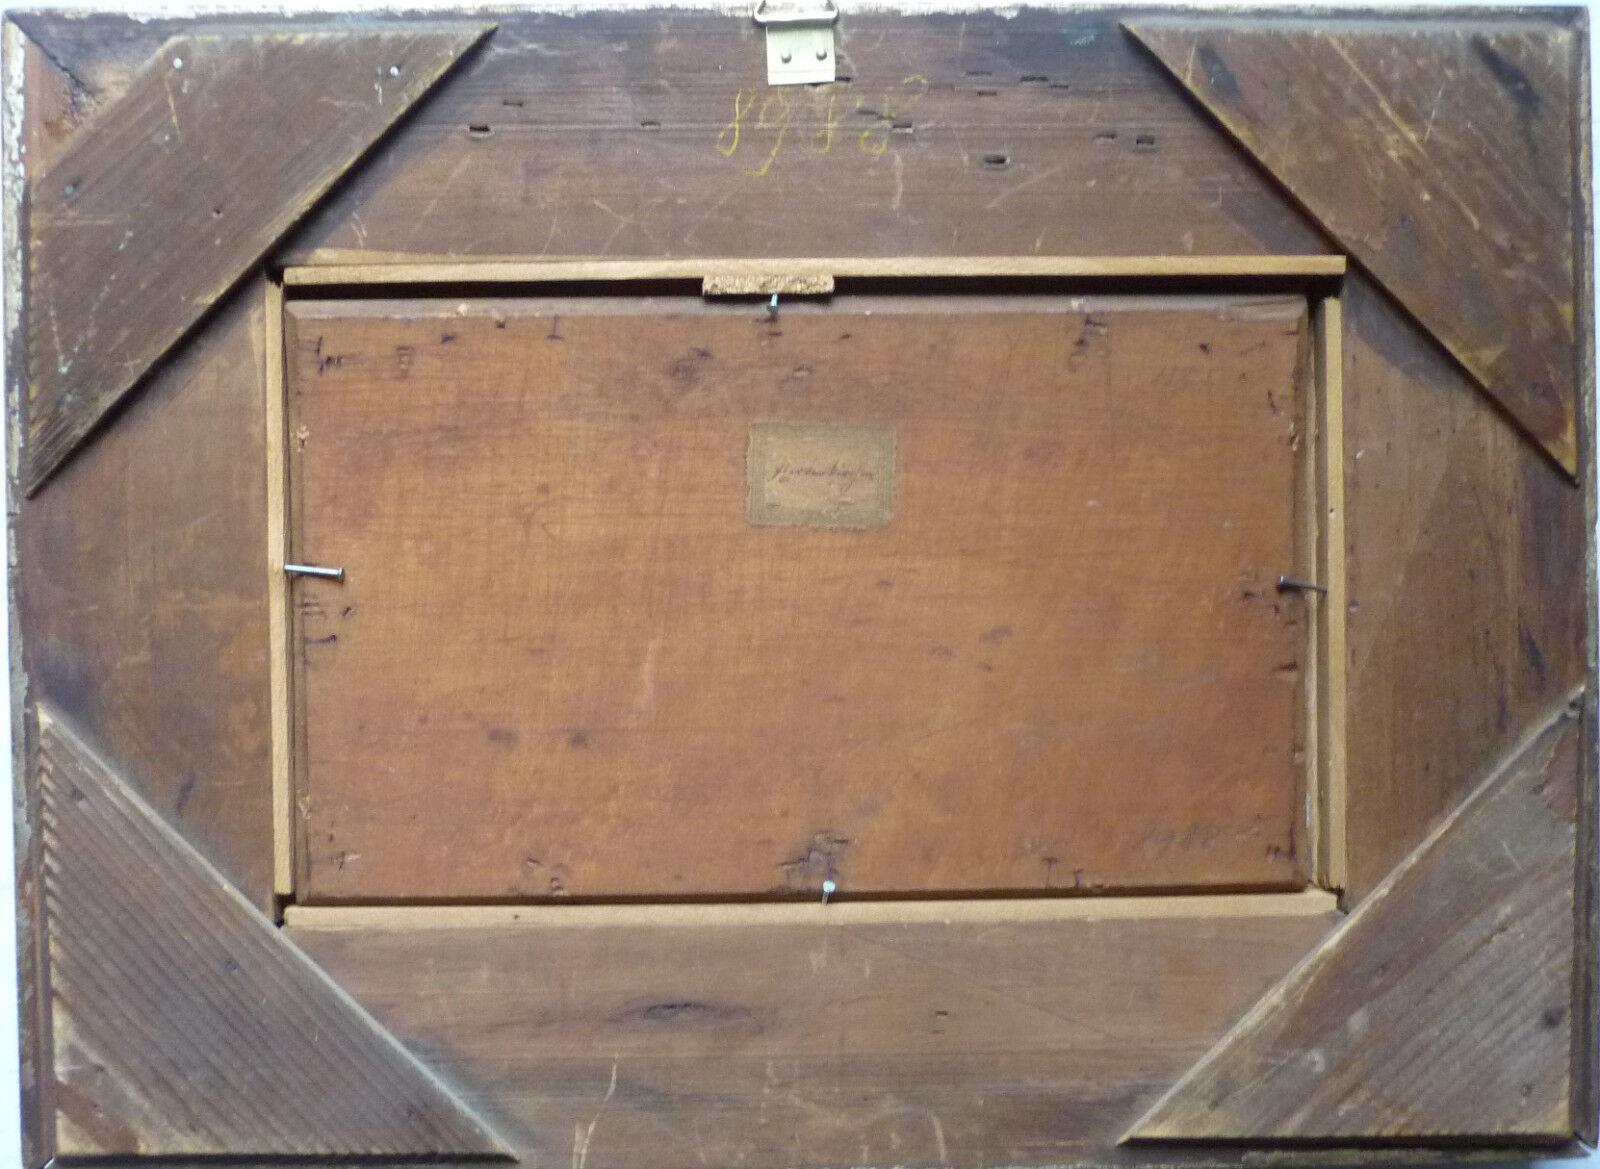 partenkirchen l auf holz um 1890 unleserlich signiert 25 x 15 cm eur 198 00 picclick de. Black Bedroom Furniture Sets. Home Design Ideas